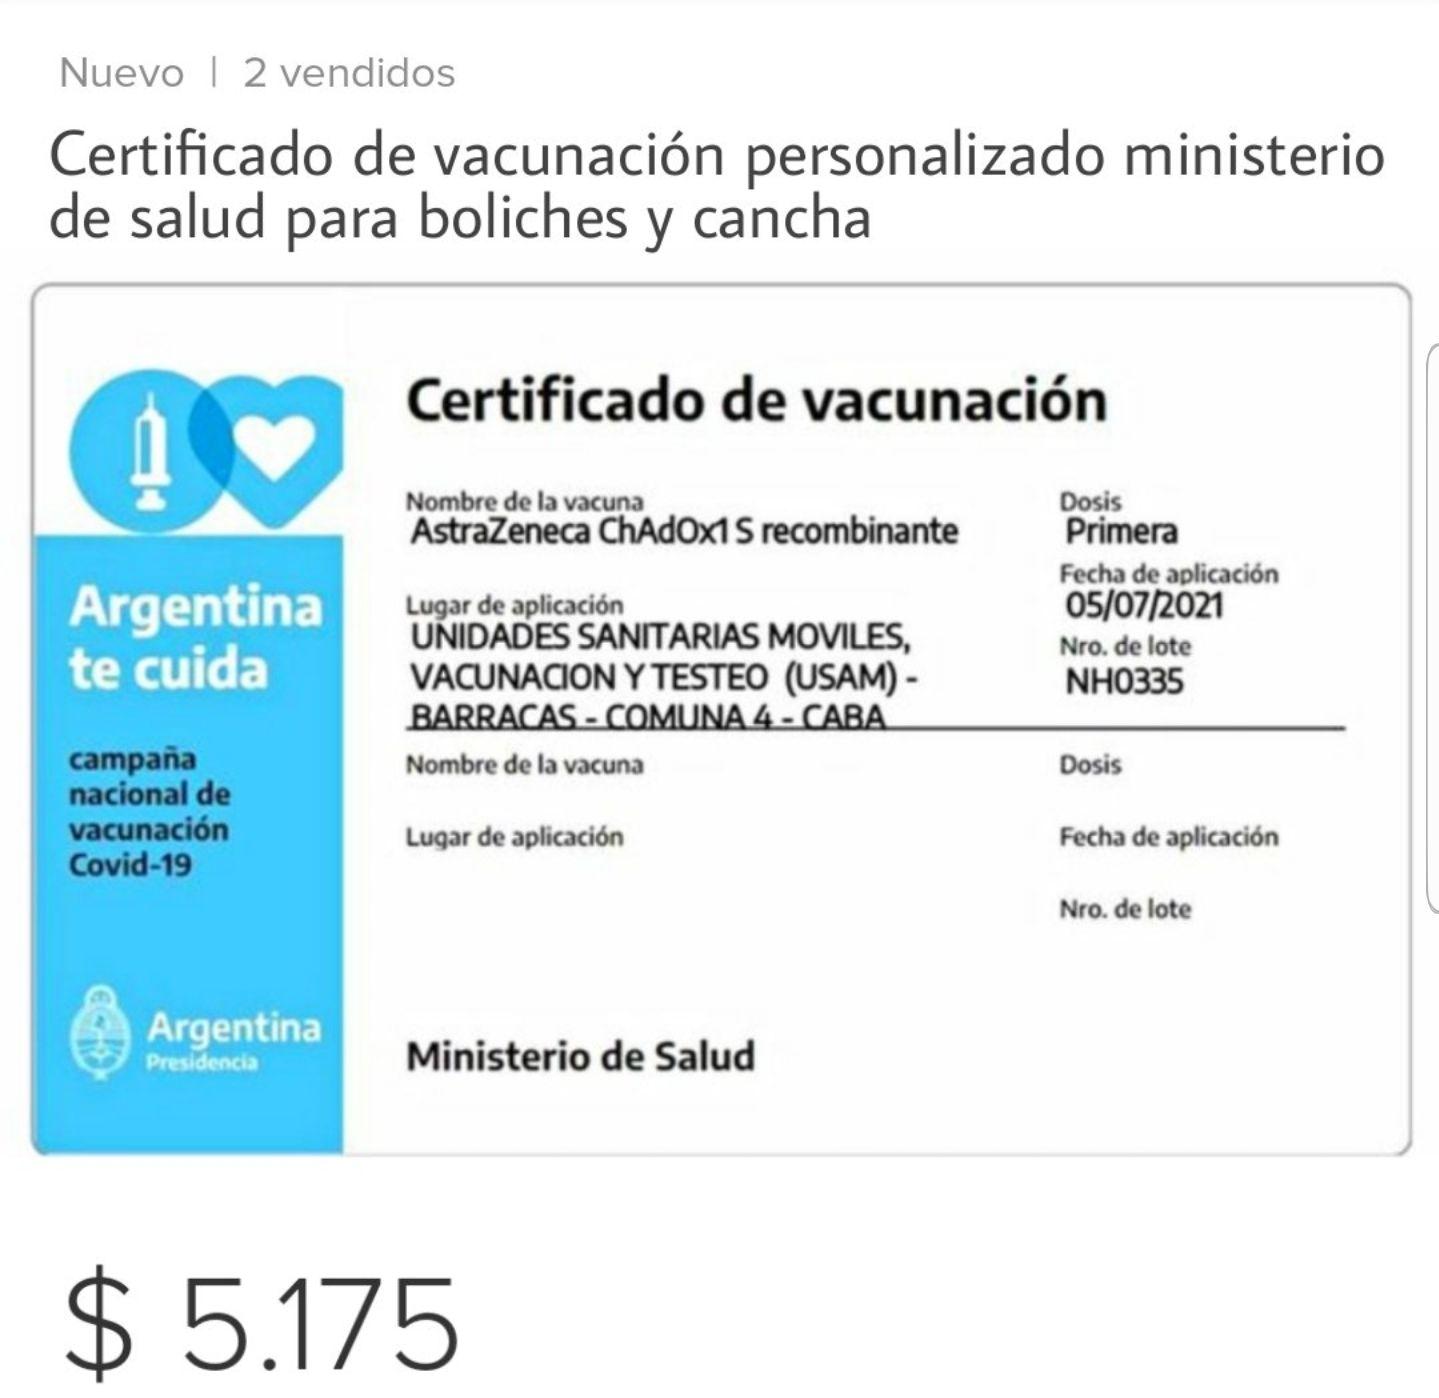 luis majul creyo una publicacion falsa sobre certificados truchos